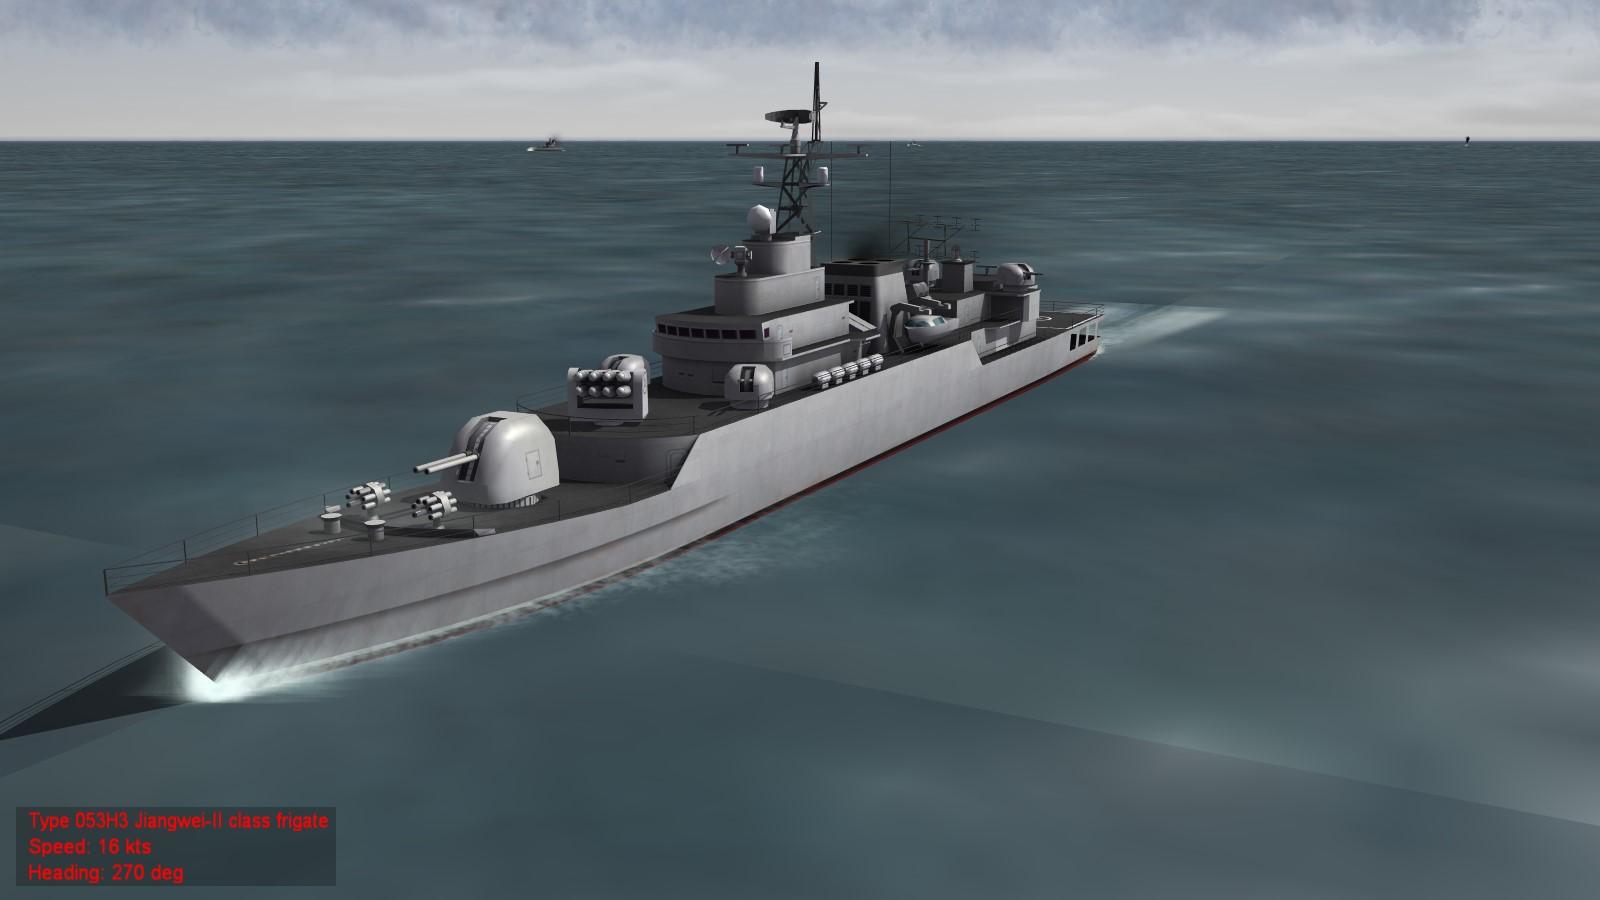 Jiangwei class frigates